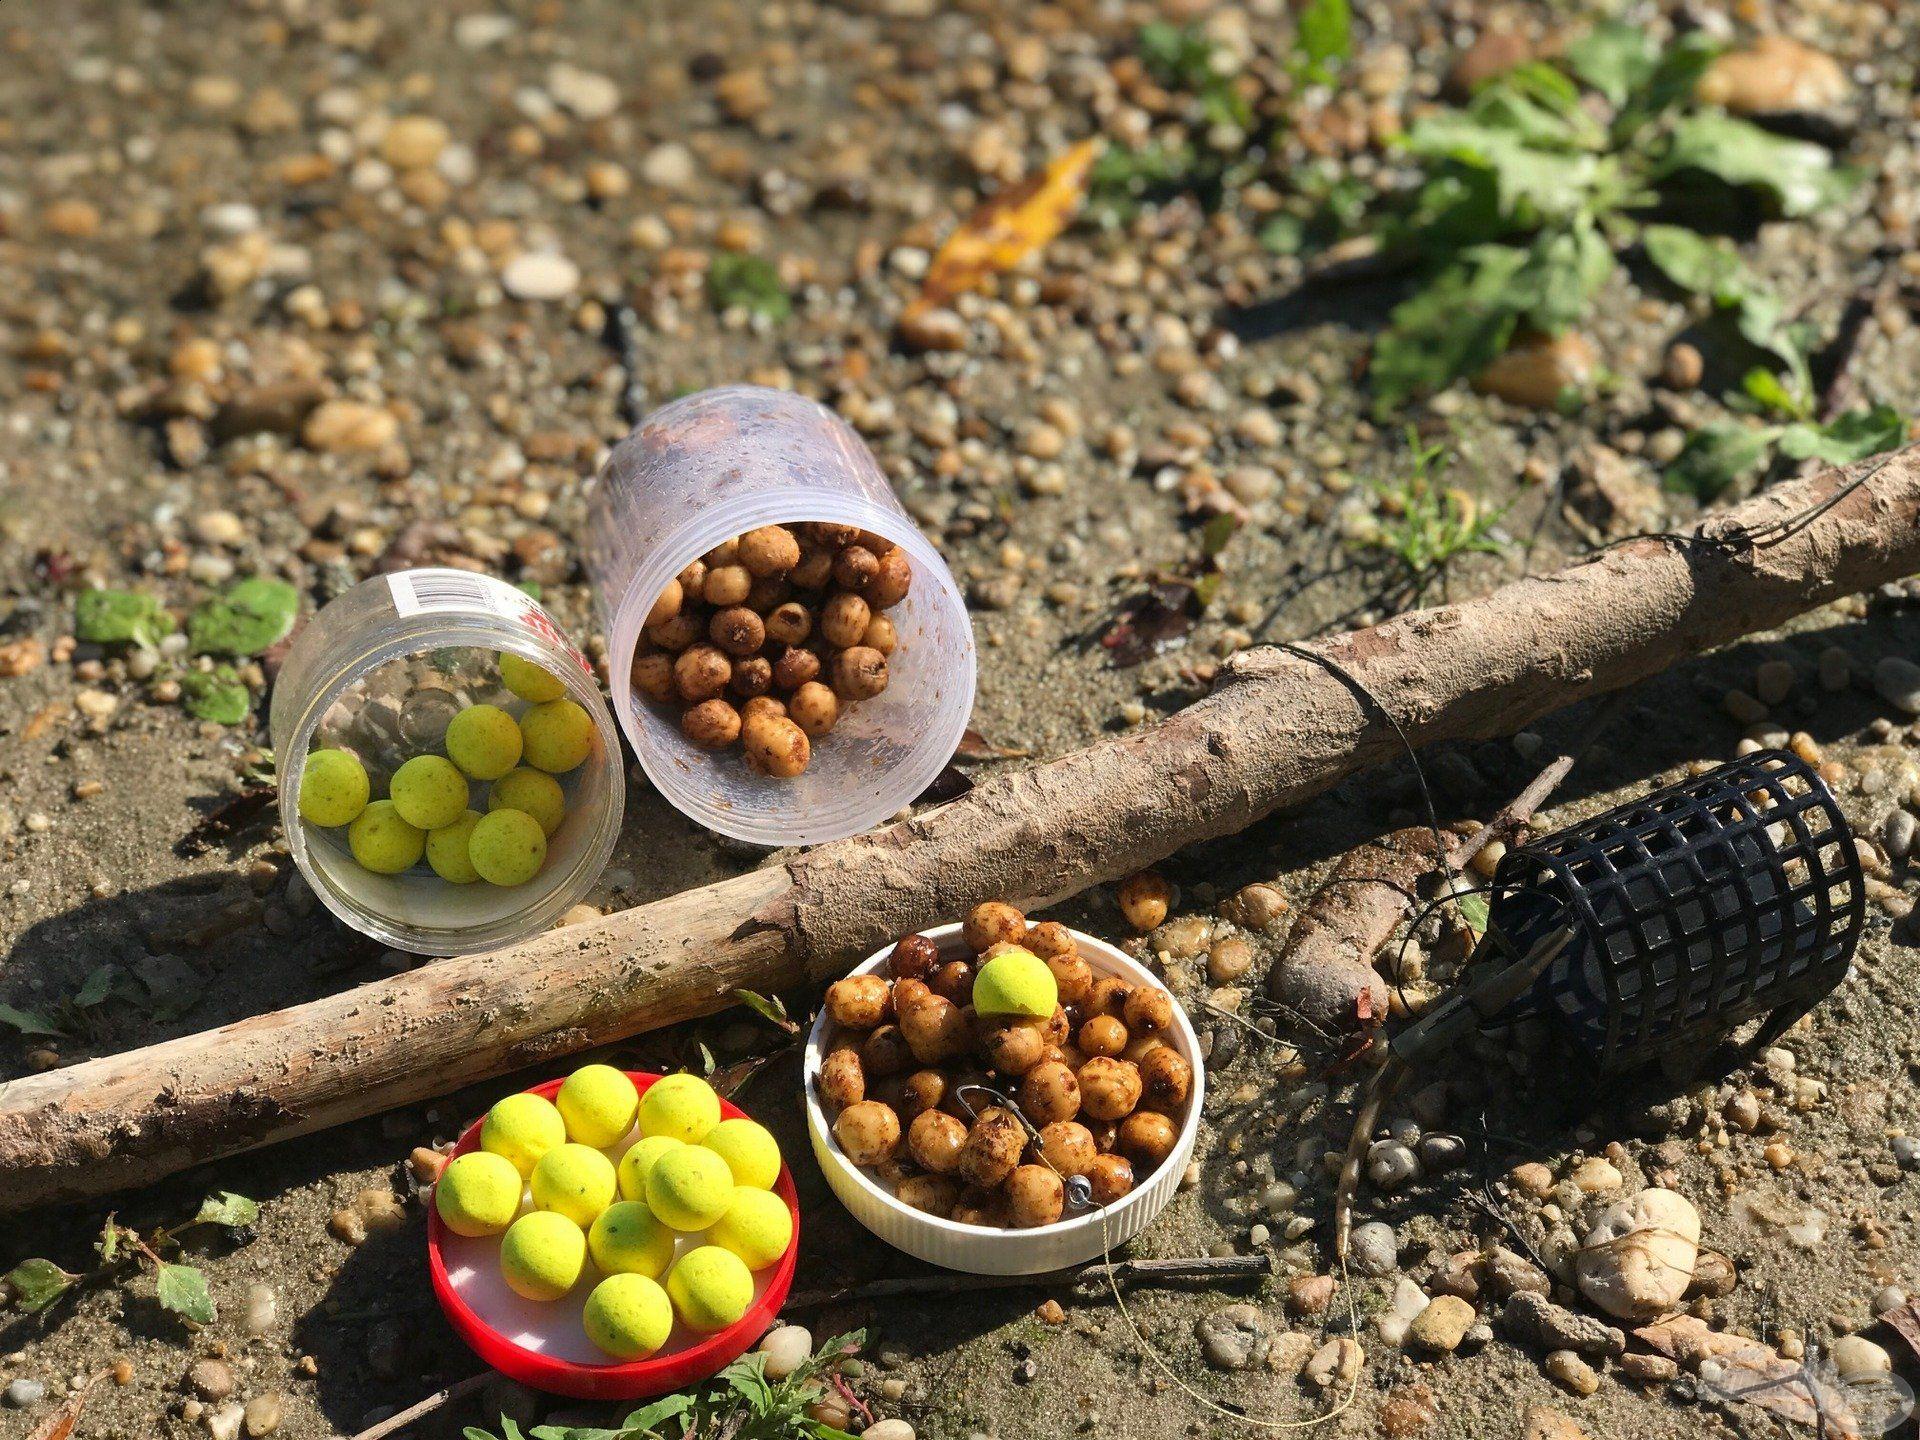 A tigrismogyoró egy ananászos pop-up csalival könnyítve klasszikus amurcsali